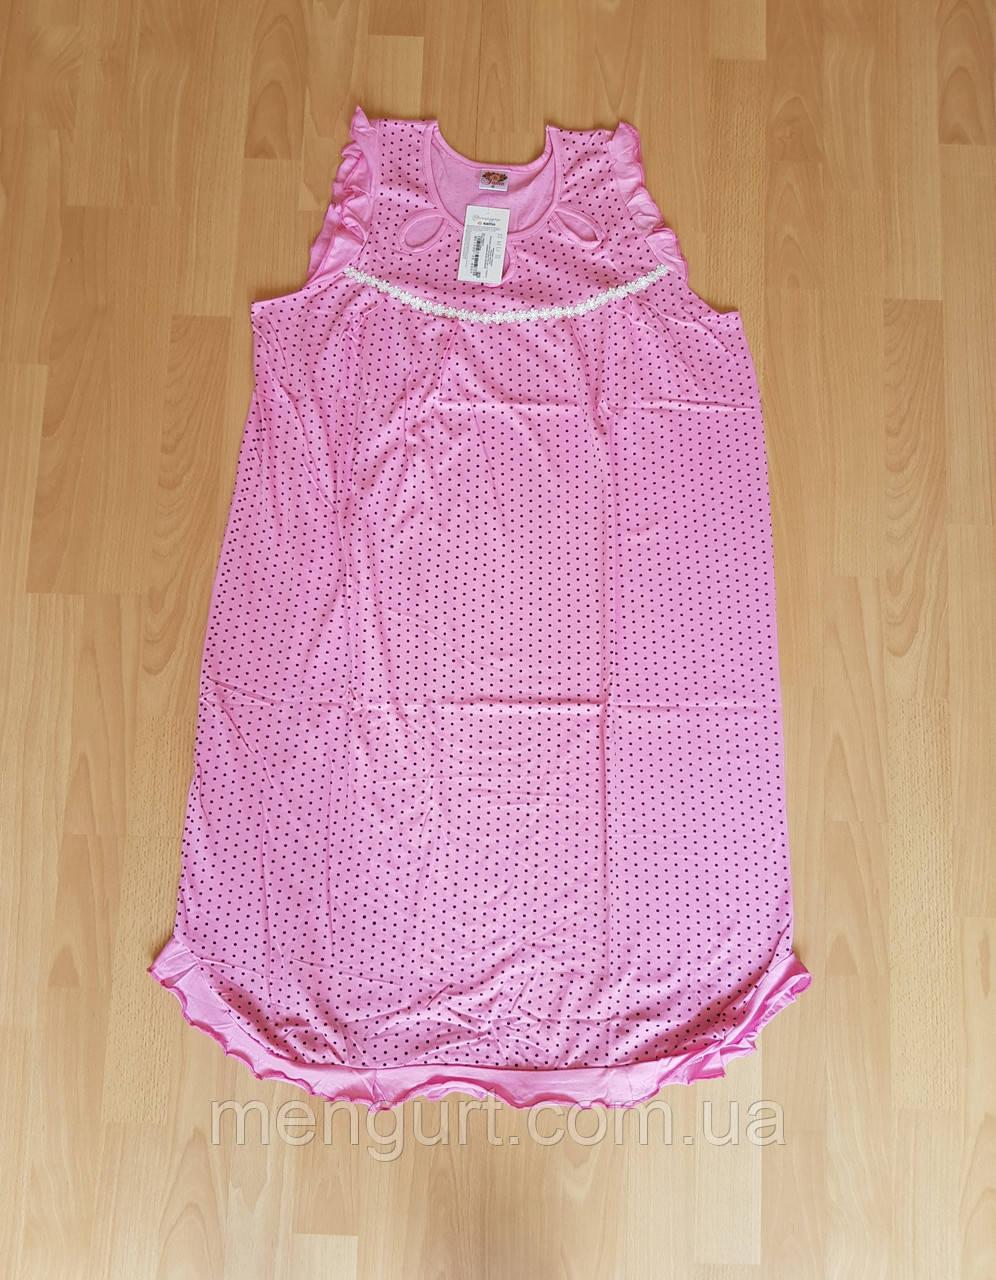 Женская ночная сорочка без рукава размер 48-56